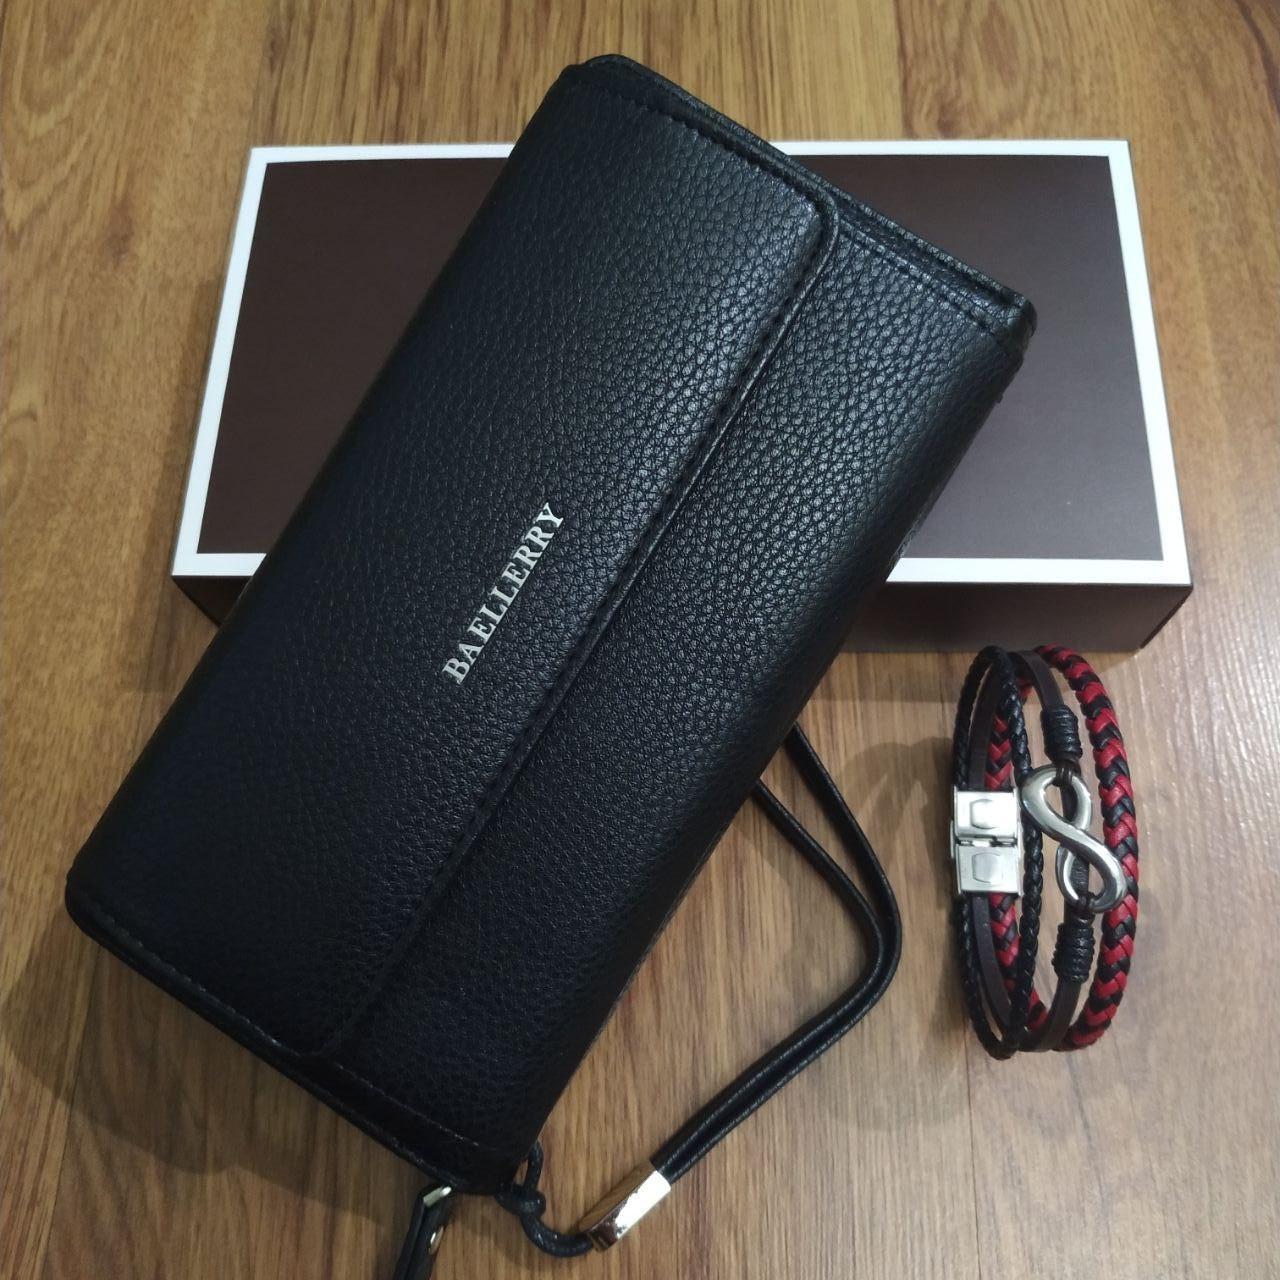 Подарочный набор №19. Мужской клатч (бумажник) Baellerry Favorit + мужской браслет из стали и кожи Infinity